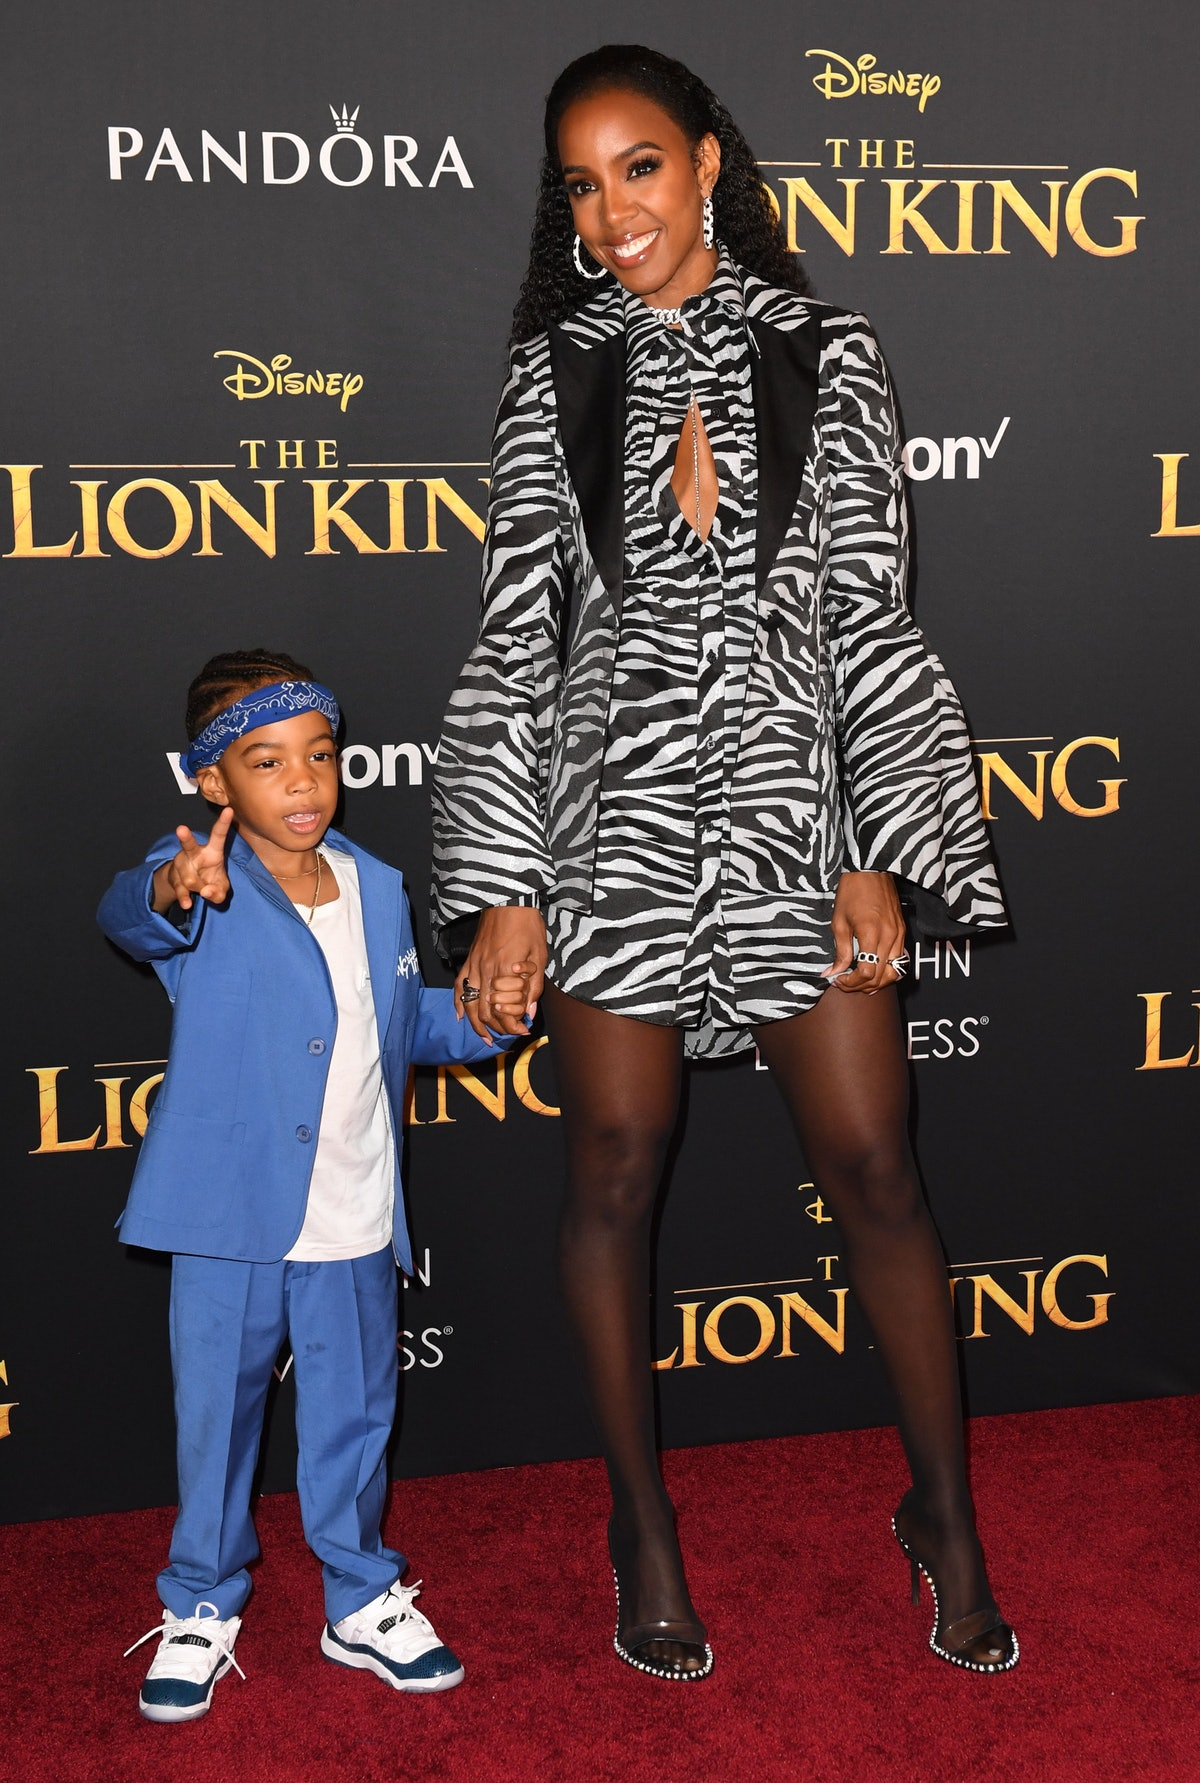 US-ENTERTAINMENT-MOVIE-DISNEY-LION KING